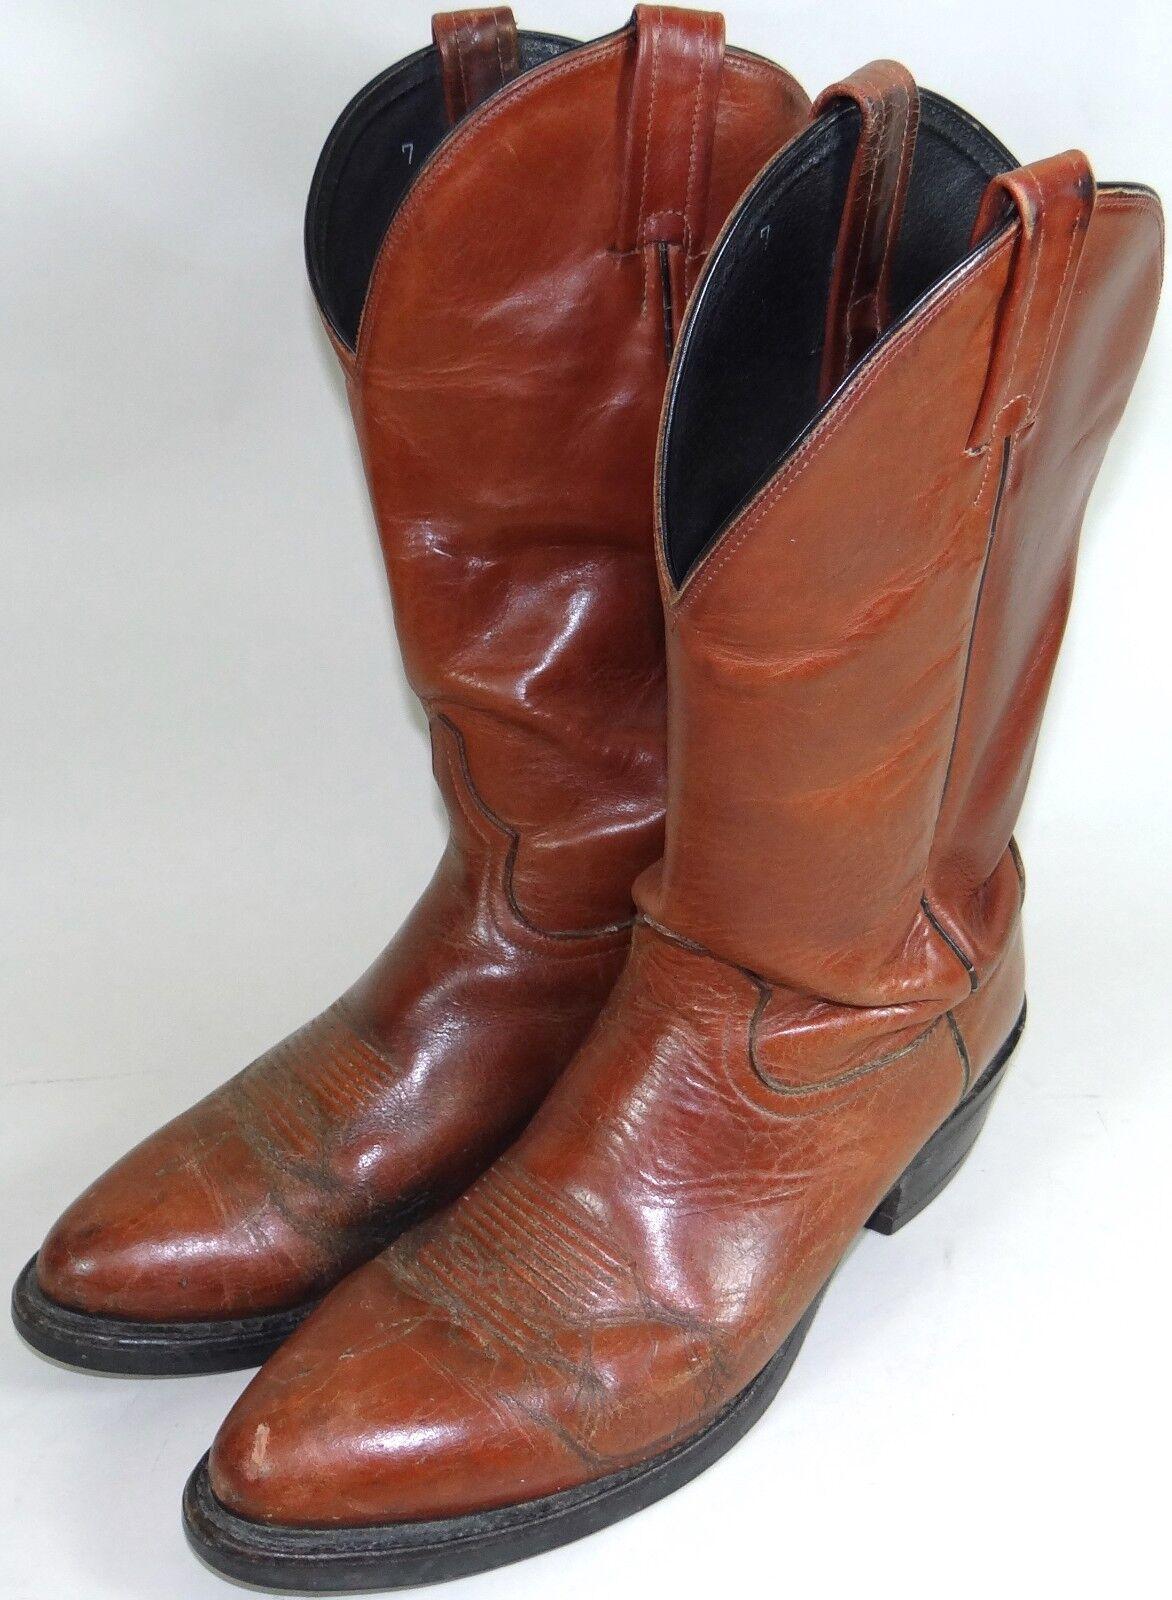 Tony Lama Cuero botas De Vaquero De Colección Rojo Marrón Dominion para hombre 10.5 estilo 4503 Raro